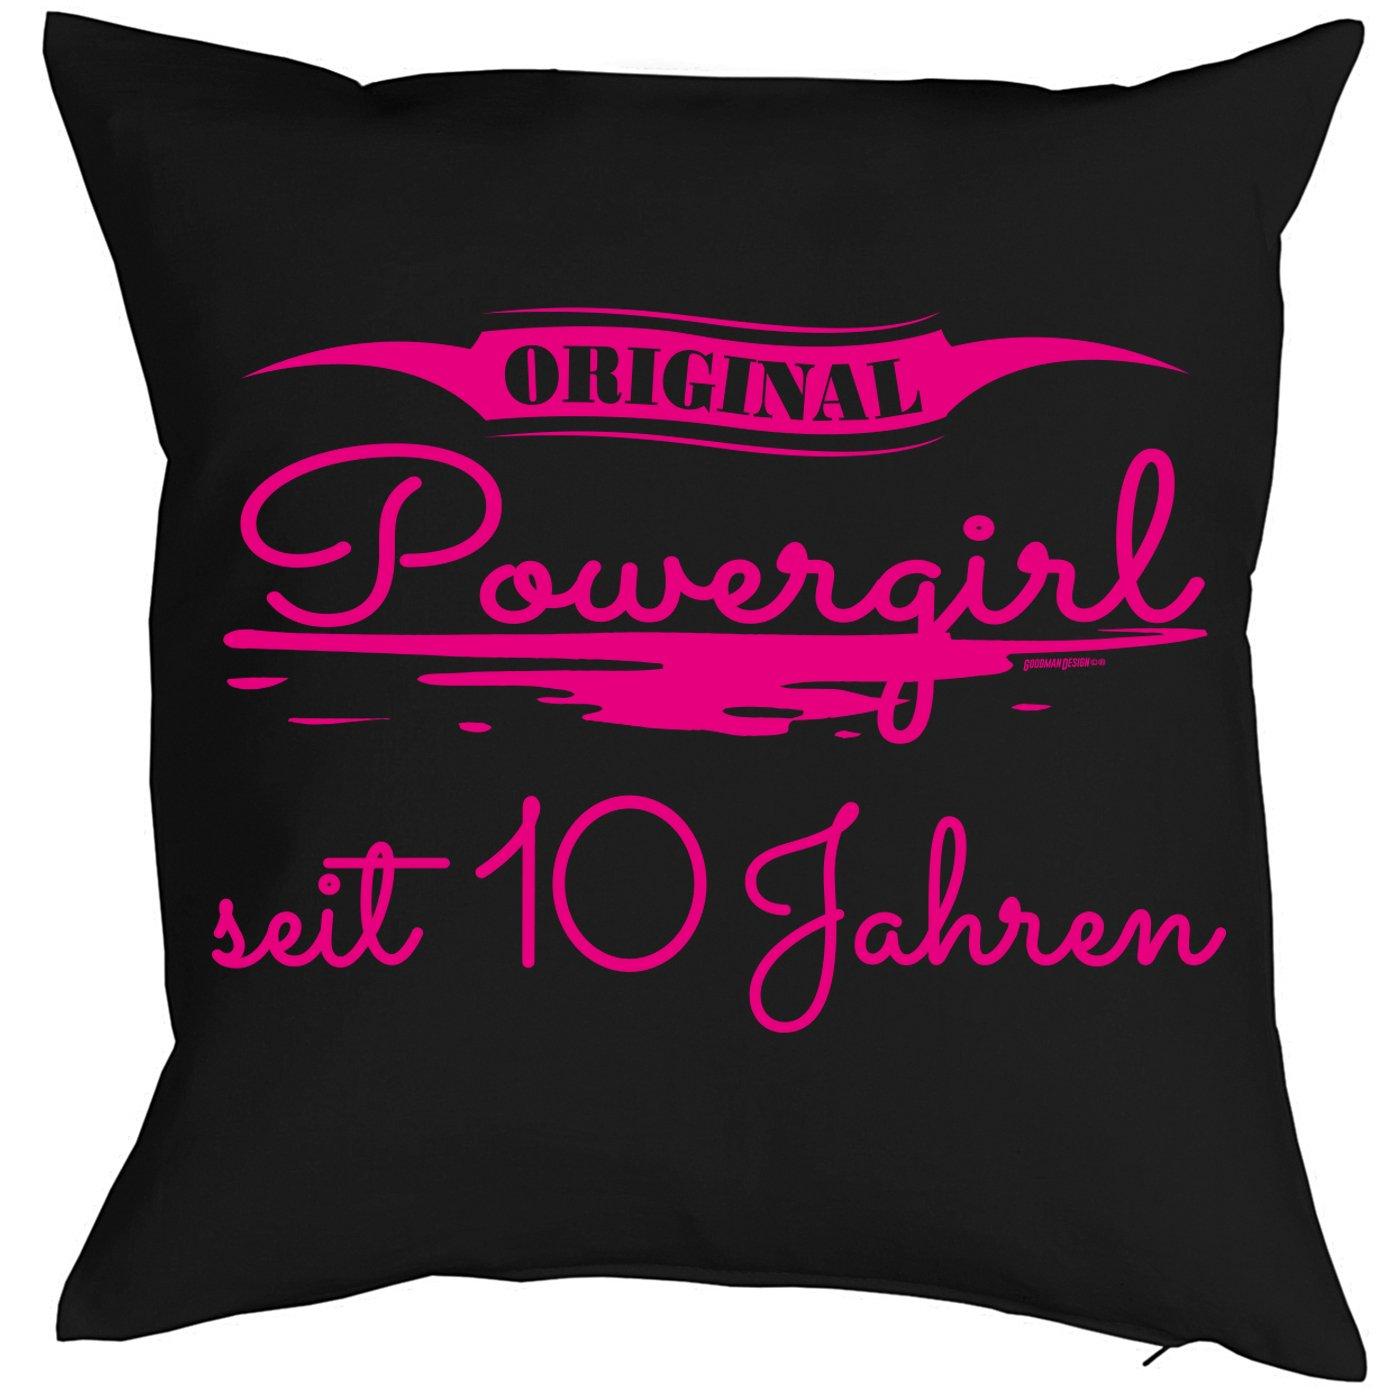 10 Geburtstag Kissen - Kuschelkissen Kinder - Geburtstagsfeier 10.Geburtstag Mädchen : Original Powergirl seit 10 Jahren -- Deko - Kissen ohne Füllung - Farbe: schwarz Tini - Shirts